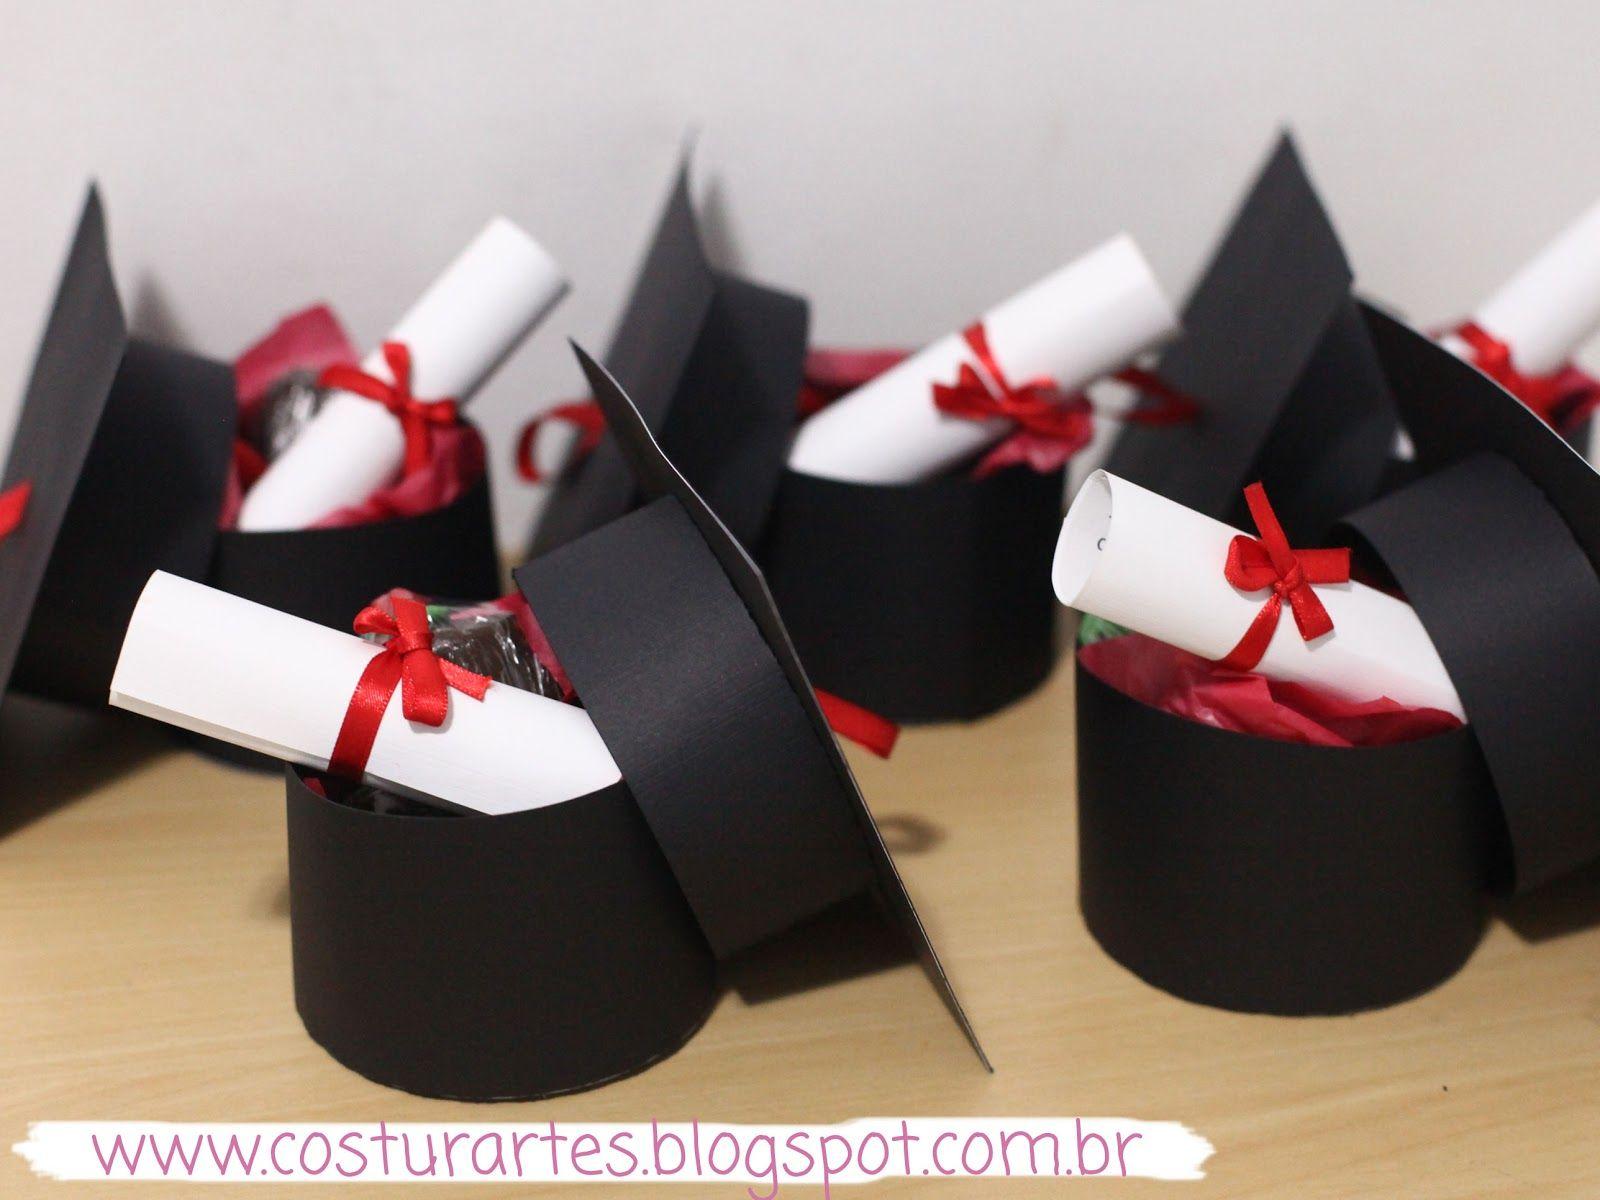 geschenkideen abitur geldgeschenke abschluss gl ckwunschkarten geschenkideen f rs abi. Black Bedroom Furniture Sets. Home Design Ideas